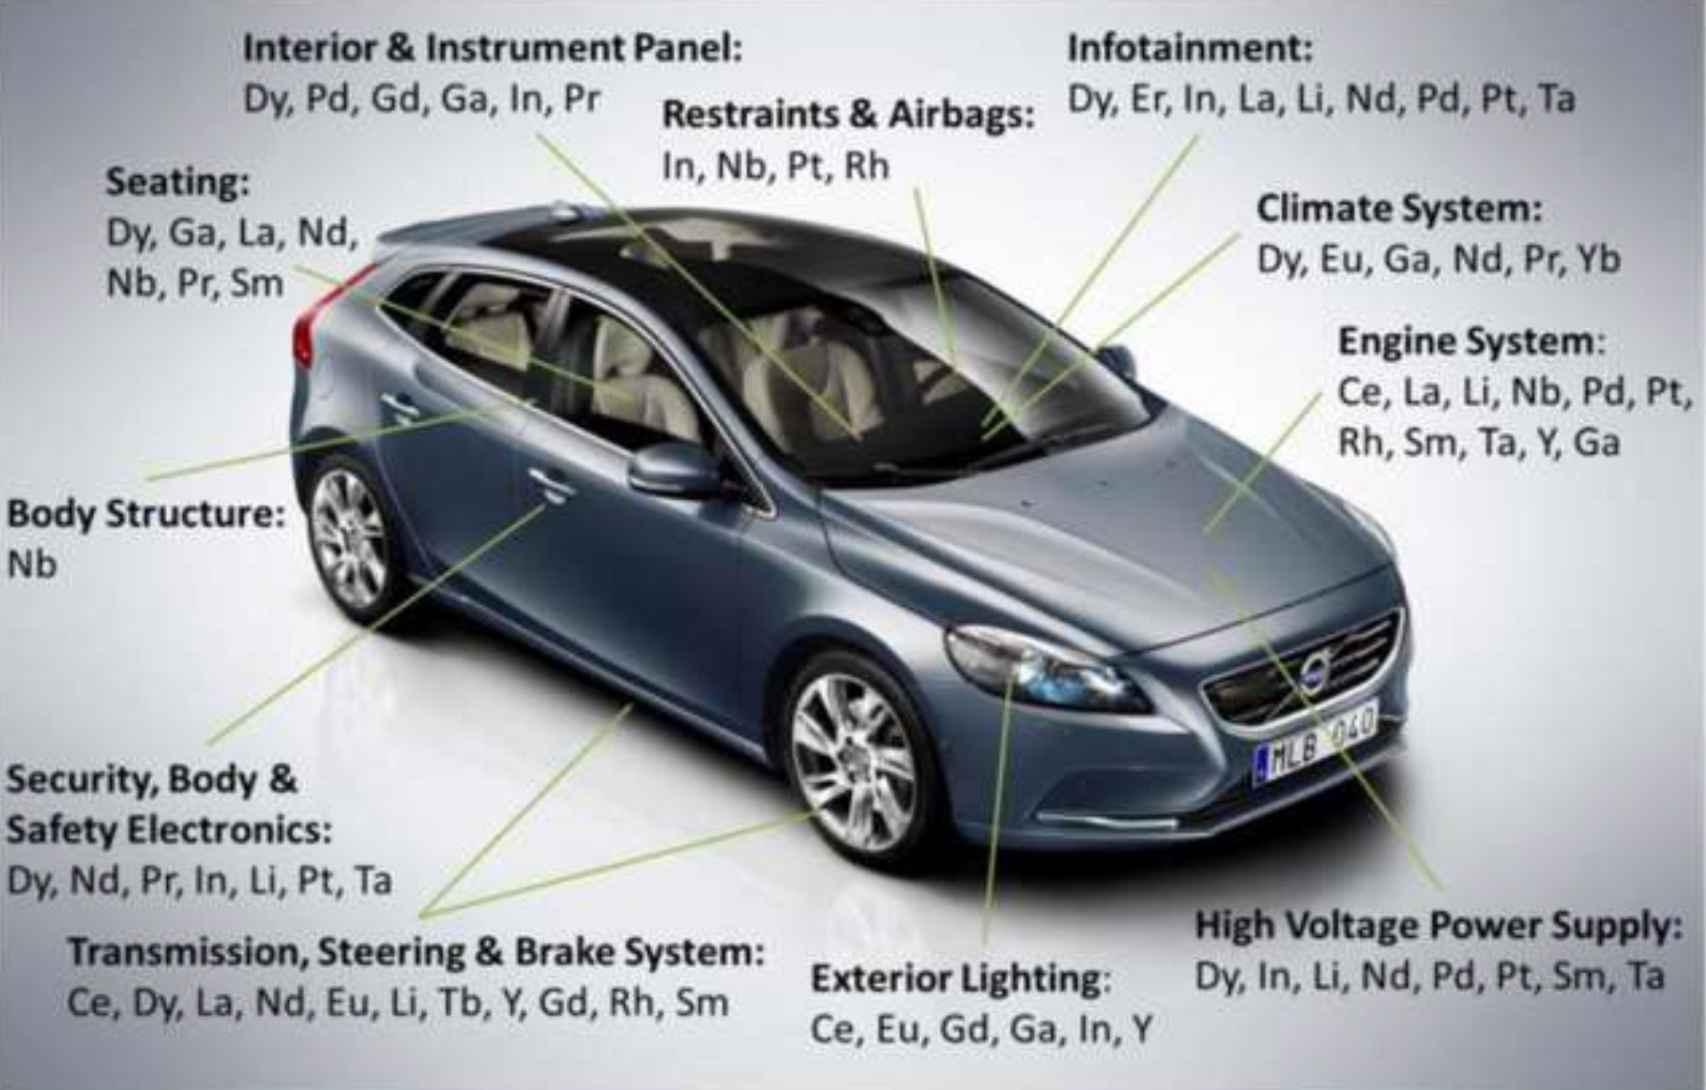 Materias primas minerales que se necesitan para la fabricación de un vehículo eléctrico